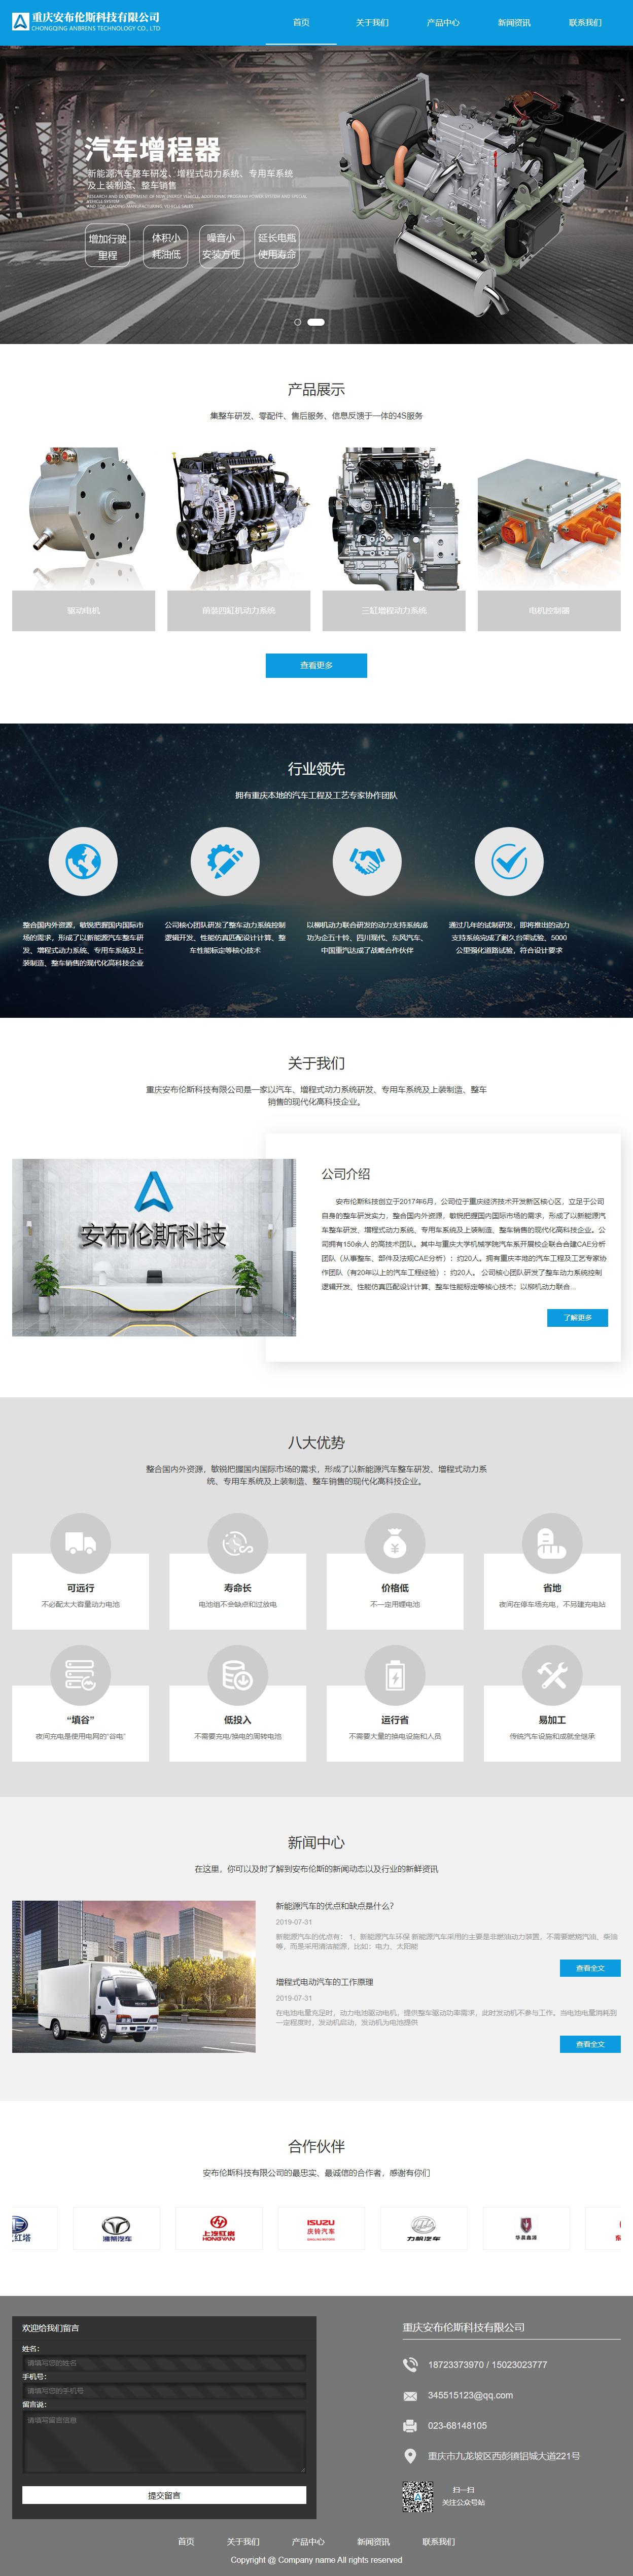 重庆安布伦斯科技有限公司